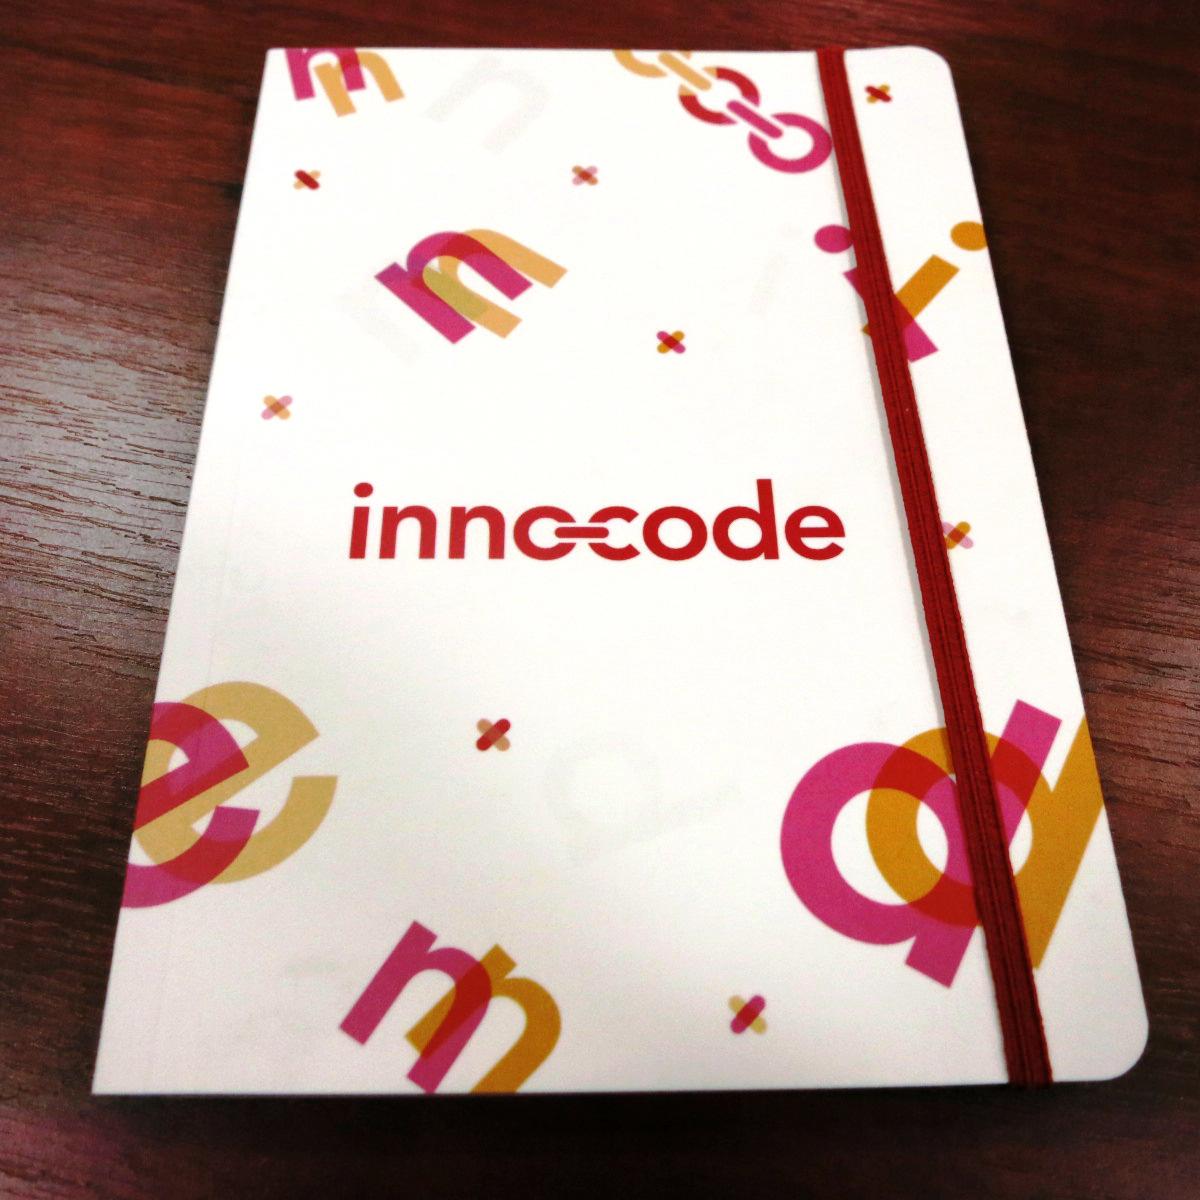 Блокноты Innocode, фамильная типография huss